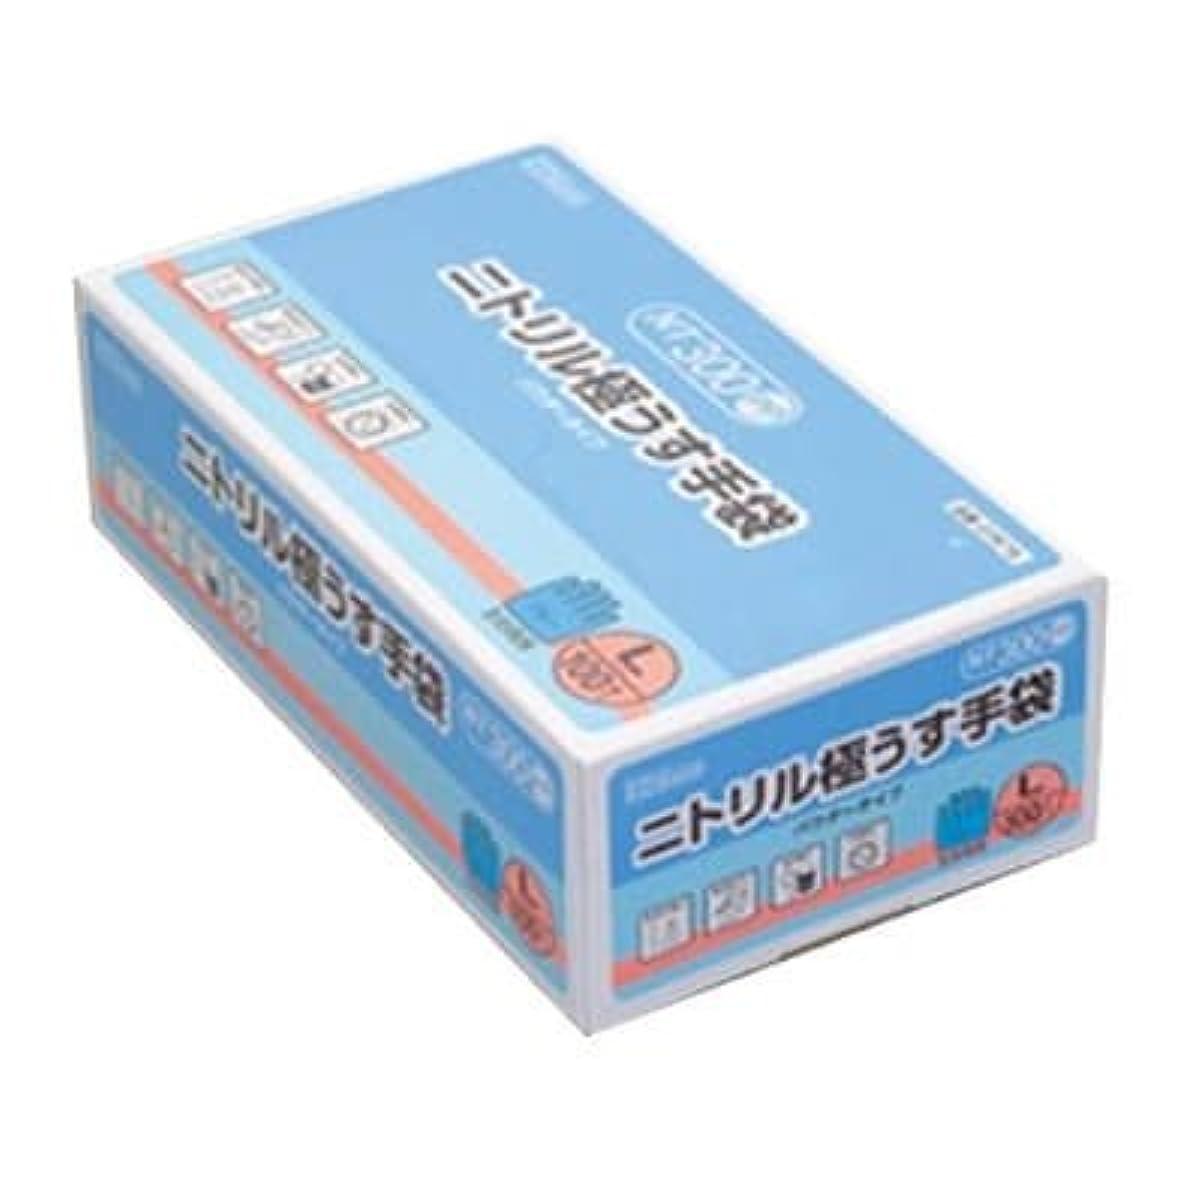 侵入する両方スクレーパー【ケース販売】 ダンロップ ニトリル極うす手袋 粉付 L ブルー NT-300 (100枚入×20箱)